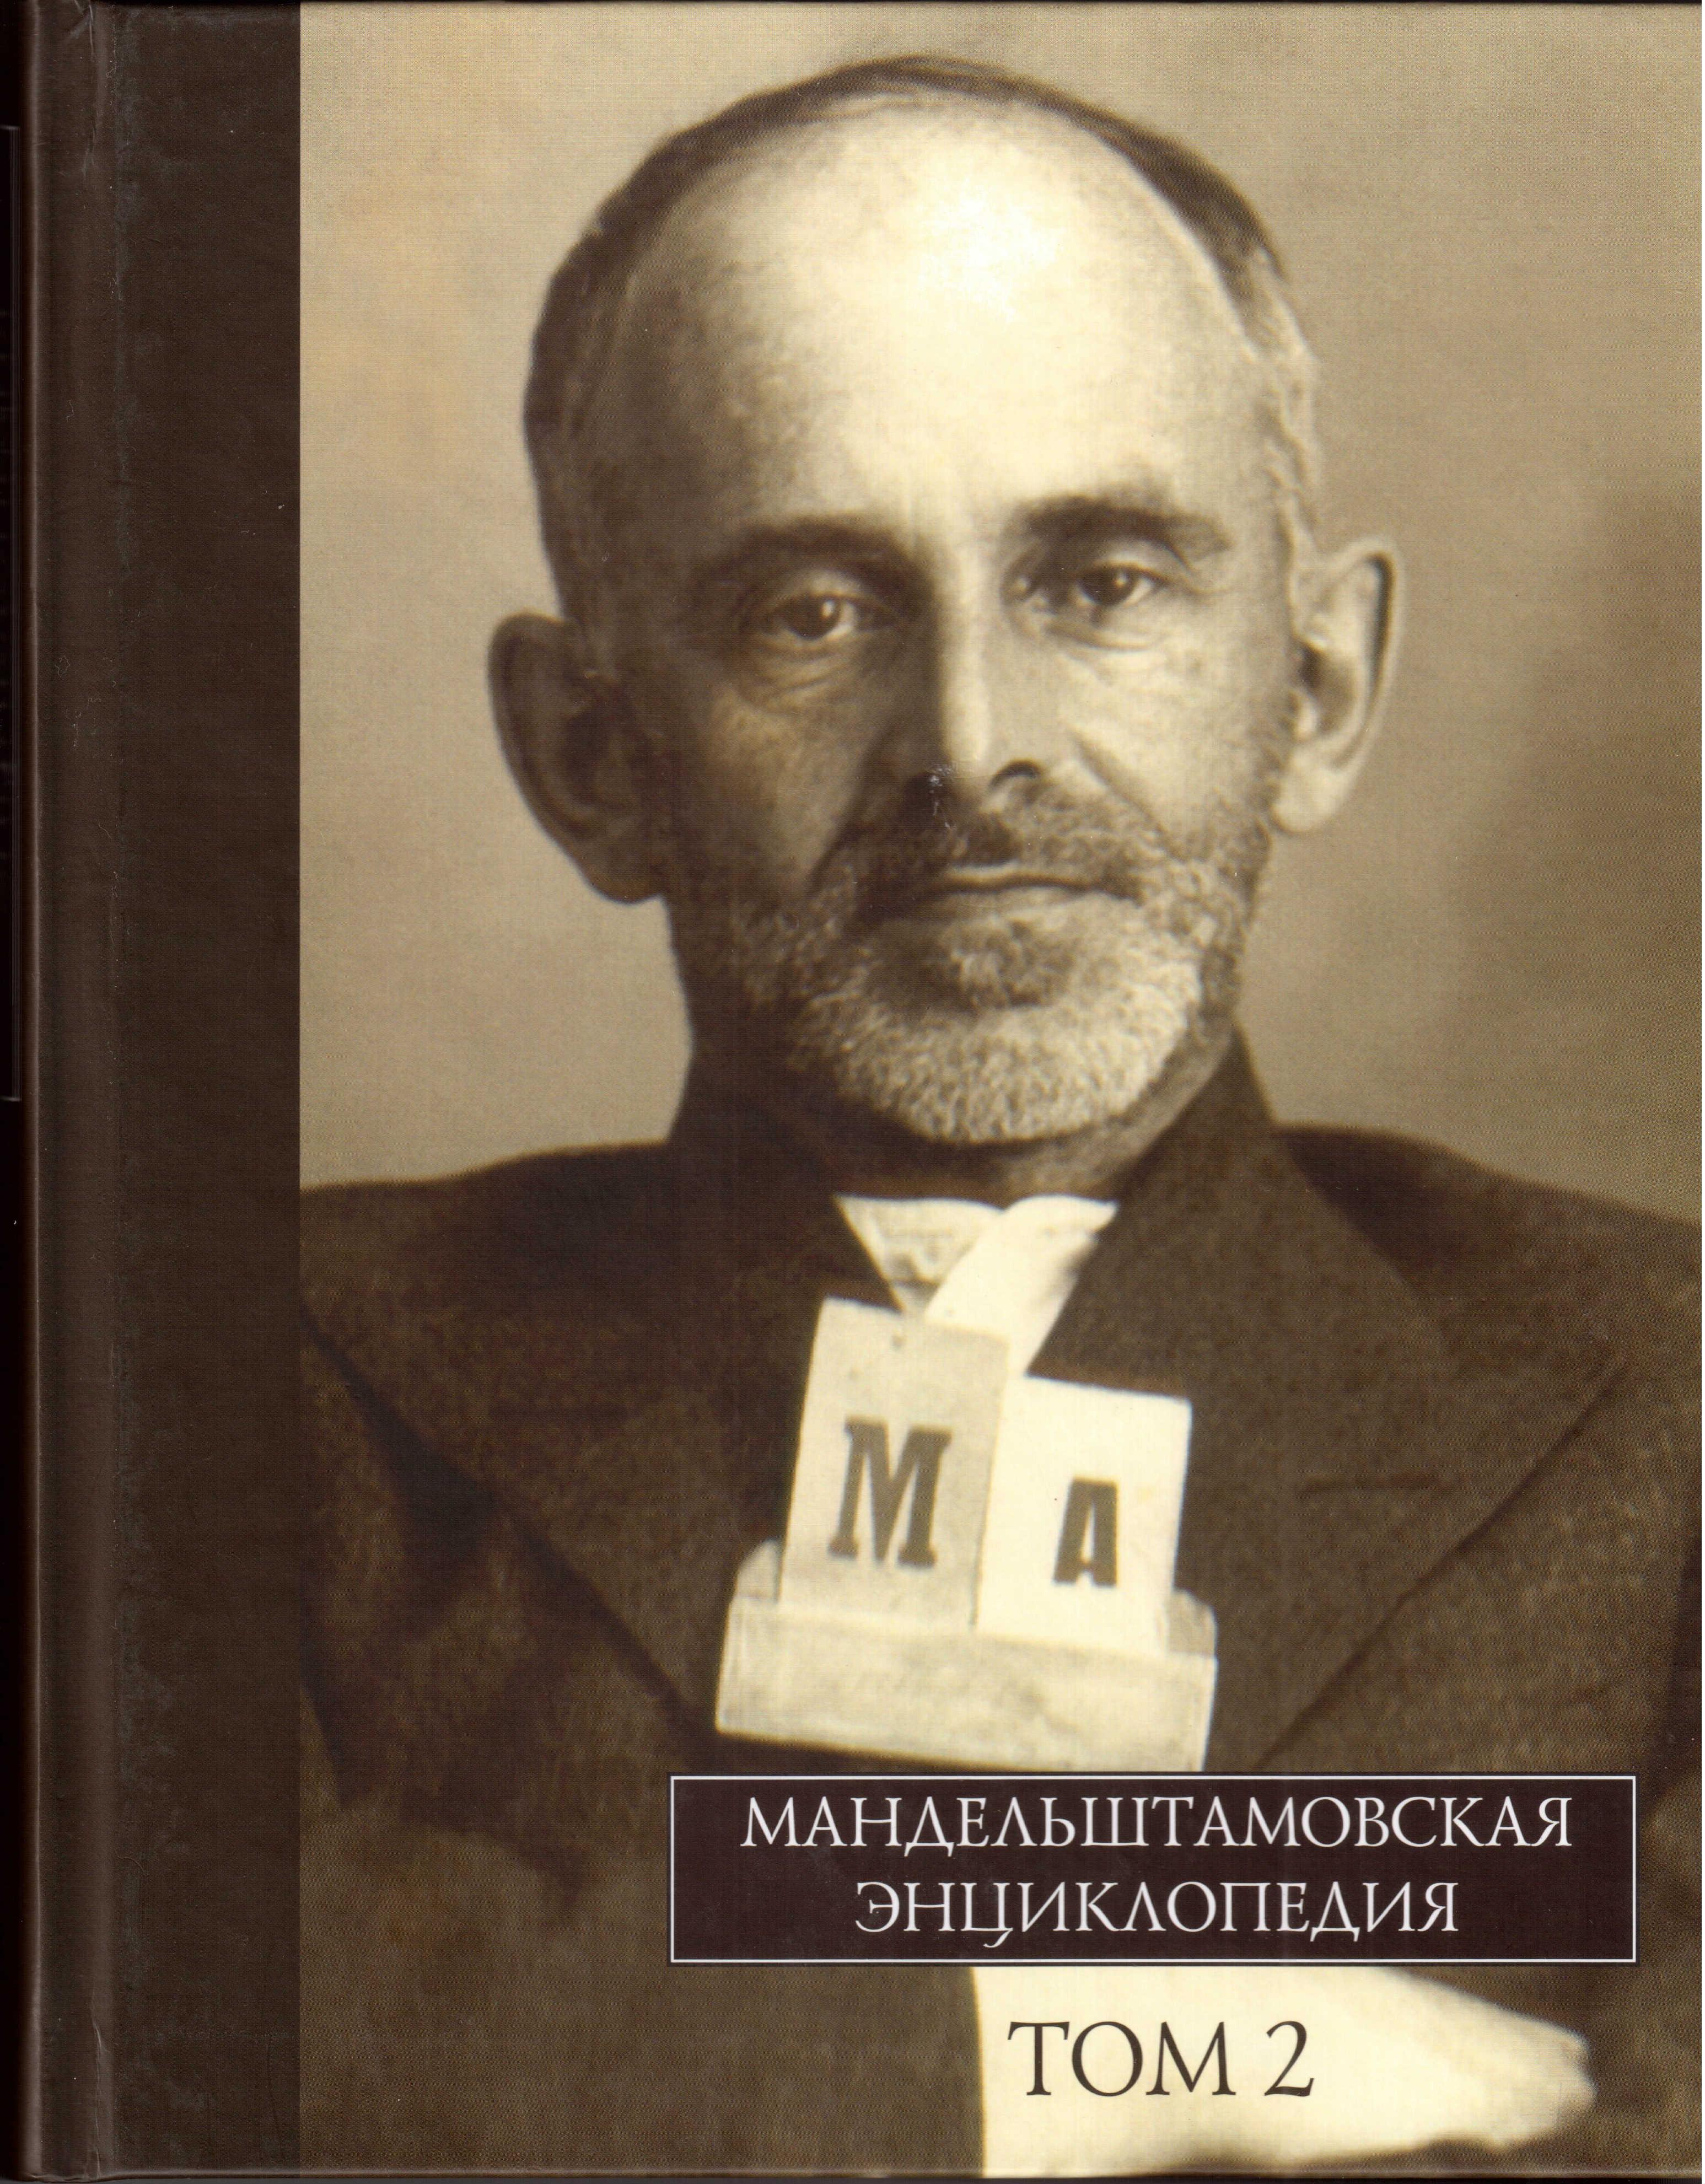 Мандельштамовская энциклопедия: в 2 т.